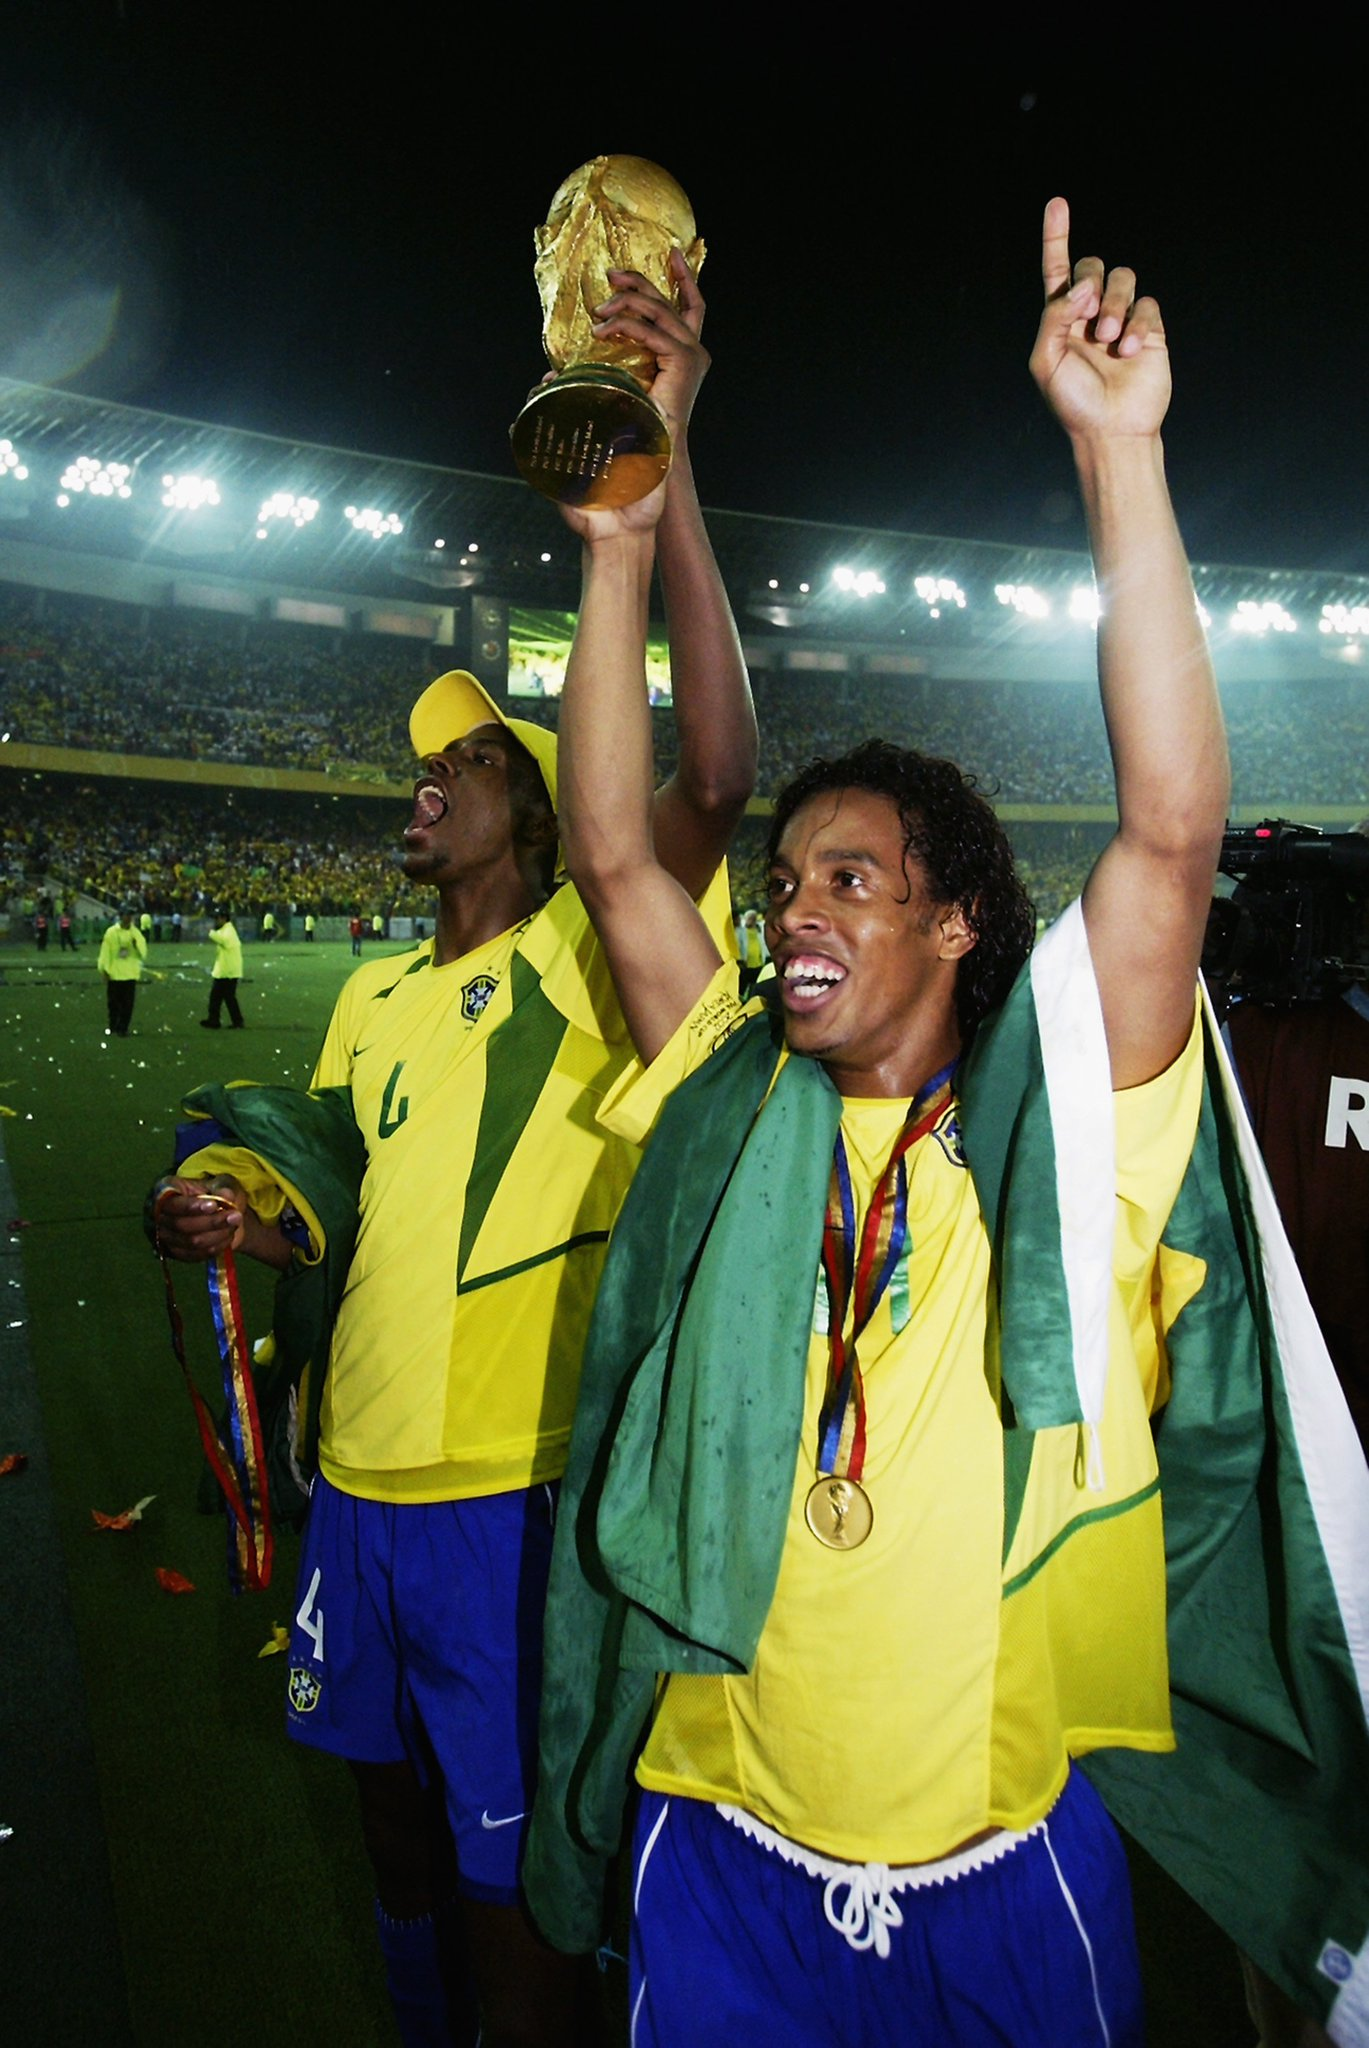 Ronaldinho ����  ✅ 2006 #UCL  ✅ 2002 #WorldCup   #ThrowbackThursday https://t.co/dK3qRo8kca